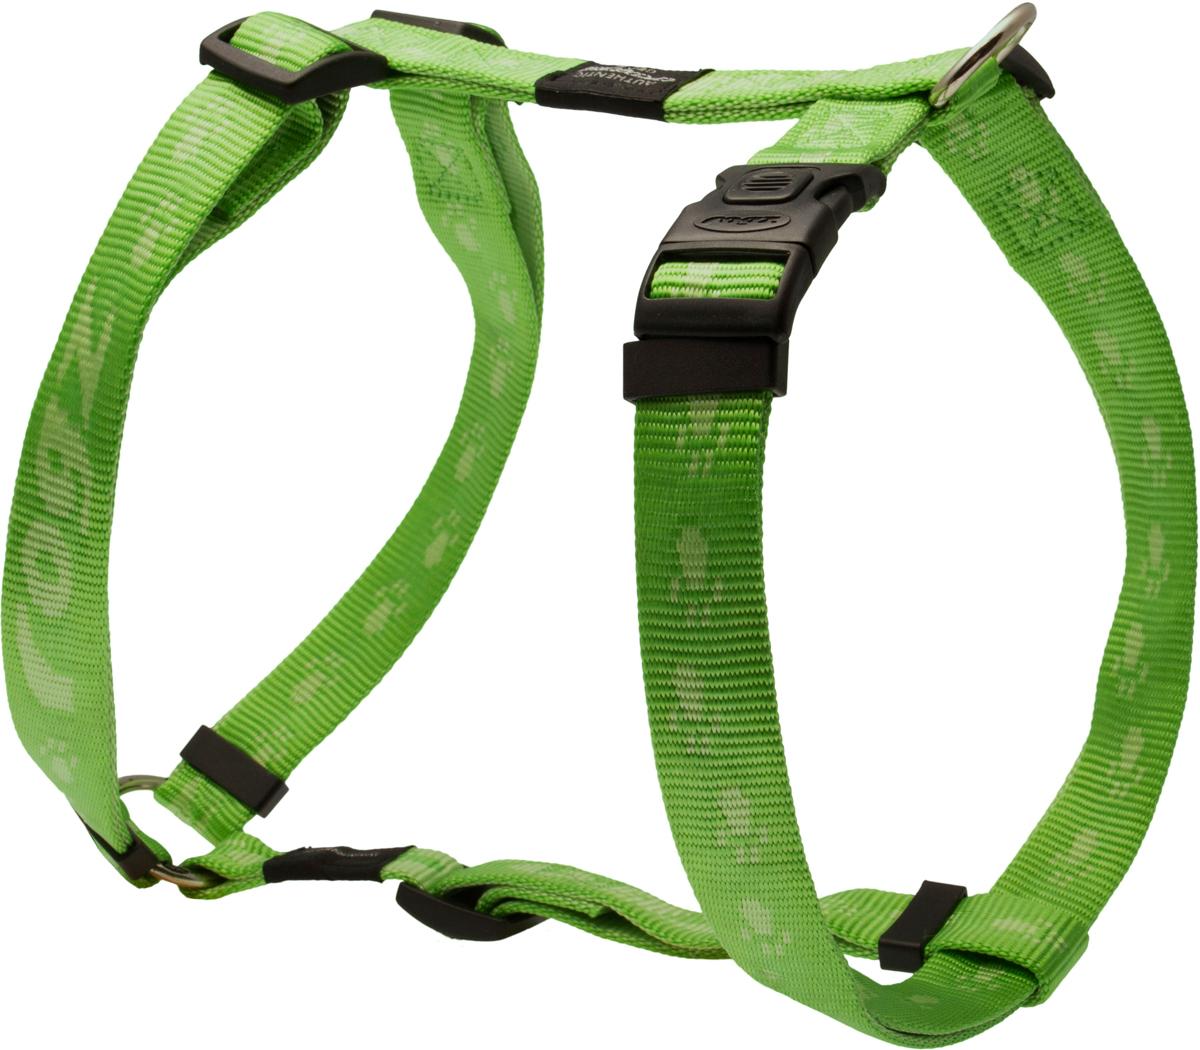 Шлейка для собак Rogz Alpinist, цвет: зеленый, ширина 2,5 см. Размер XL91639Особо мягкая, но очень прочная шлейка для собак Rogz Alpinist обеспечит безопасность на прогулке даже самым активным собакам.Все соединения деталей имеют специальную дополнительную строчку для большей прочности.Специальная конструкция пряжки Rog Loc - очень крепкая (система Fort Knox). Замок может быть расстегнут только рукой человека. Технология распределения нагрузки позволяет снизить нагрузку на пряжки, изготовленные из титанового пластика, с помощью правильного и разумного расположения грузовых колец, благодаря чему, даже при самых сильных рывках, изделие не рвется и не деформируется.Выполненные специально по заказу Rogz литые кольца гальванически хромированы, что позволяет избежать коррозии и потускнения изделия.